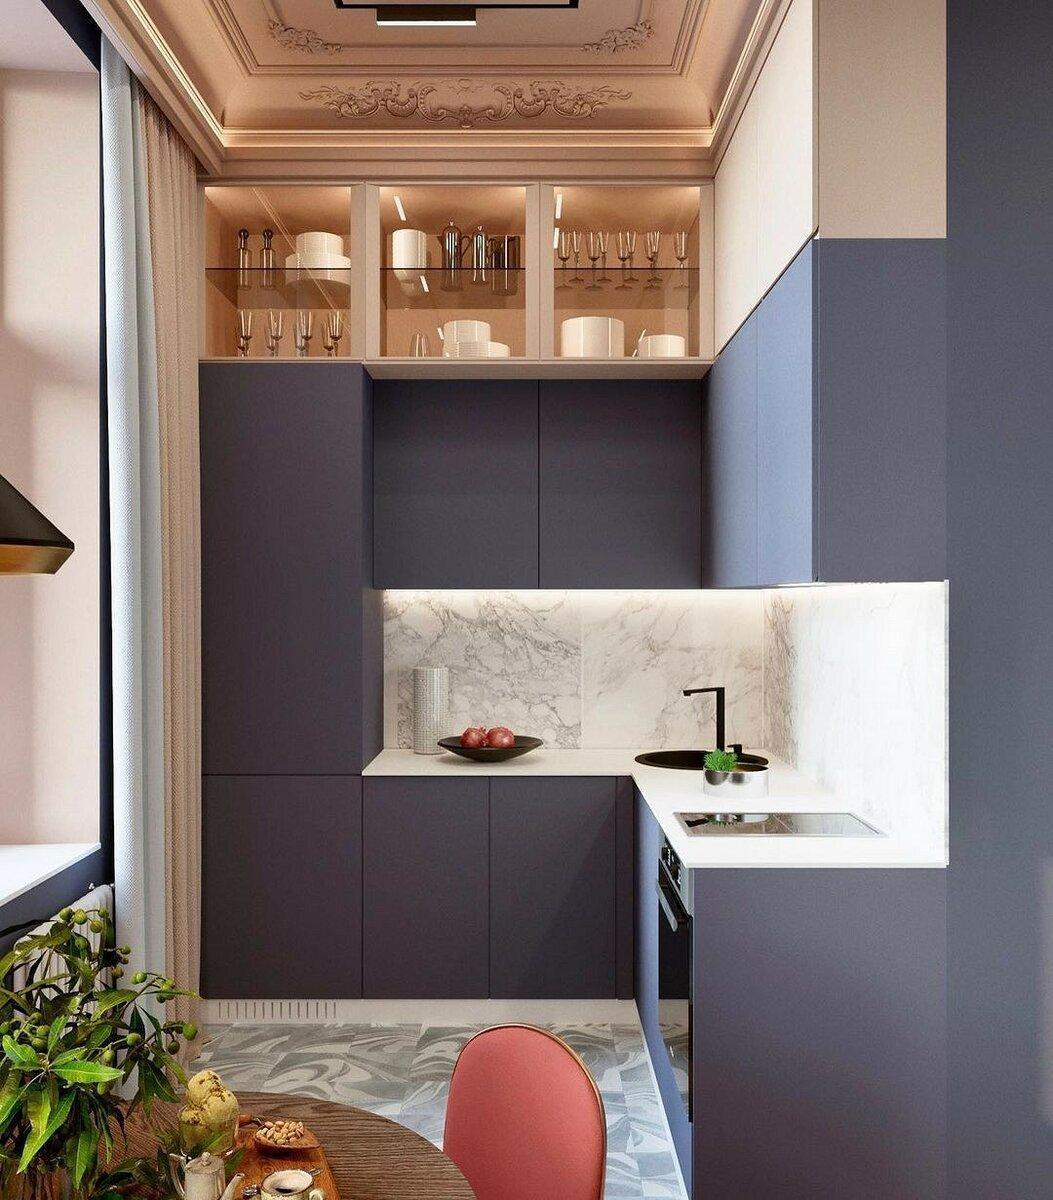 7 интерьеров однокомнатных квартир площадью 30 кв. м, которые вам понравятся